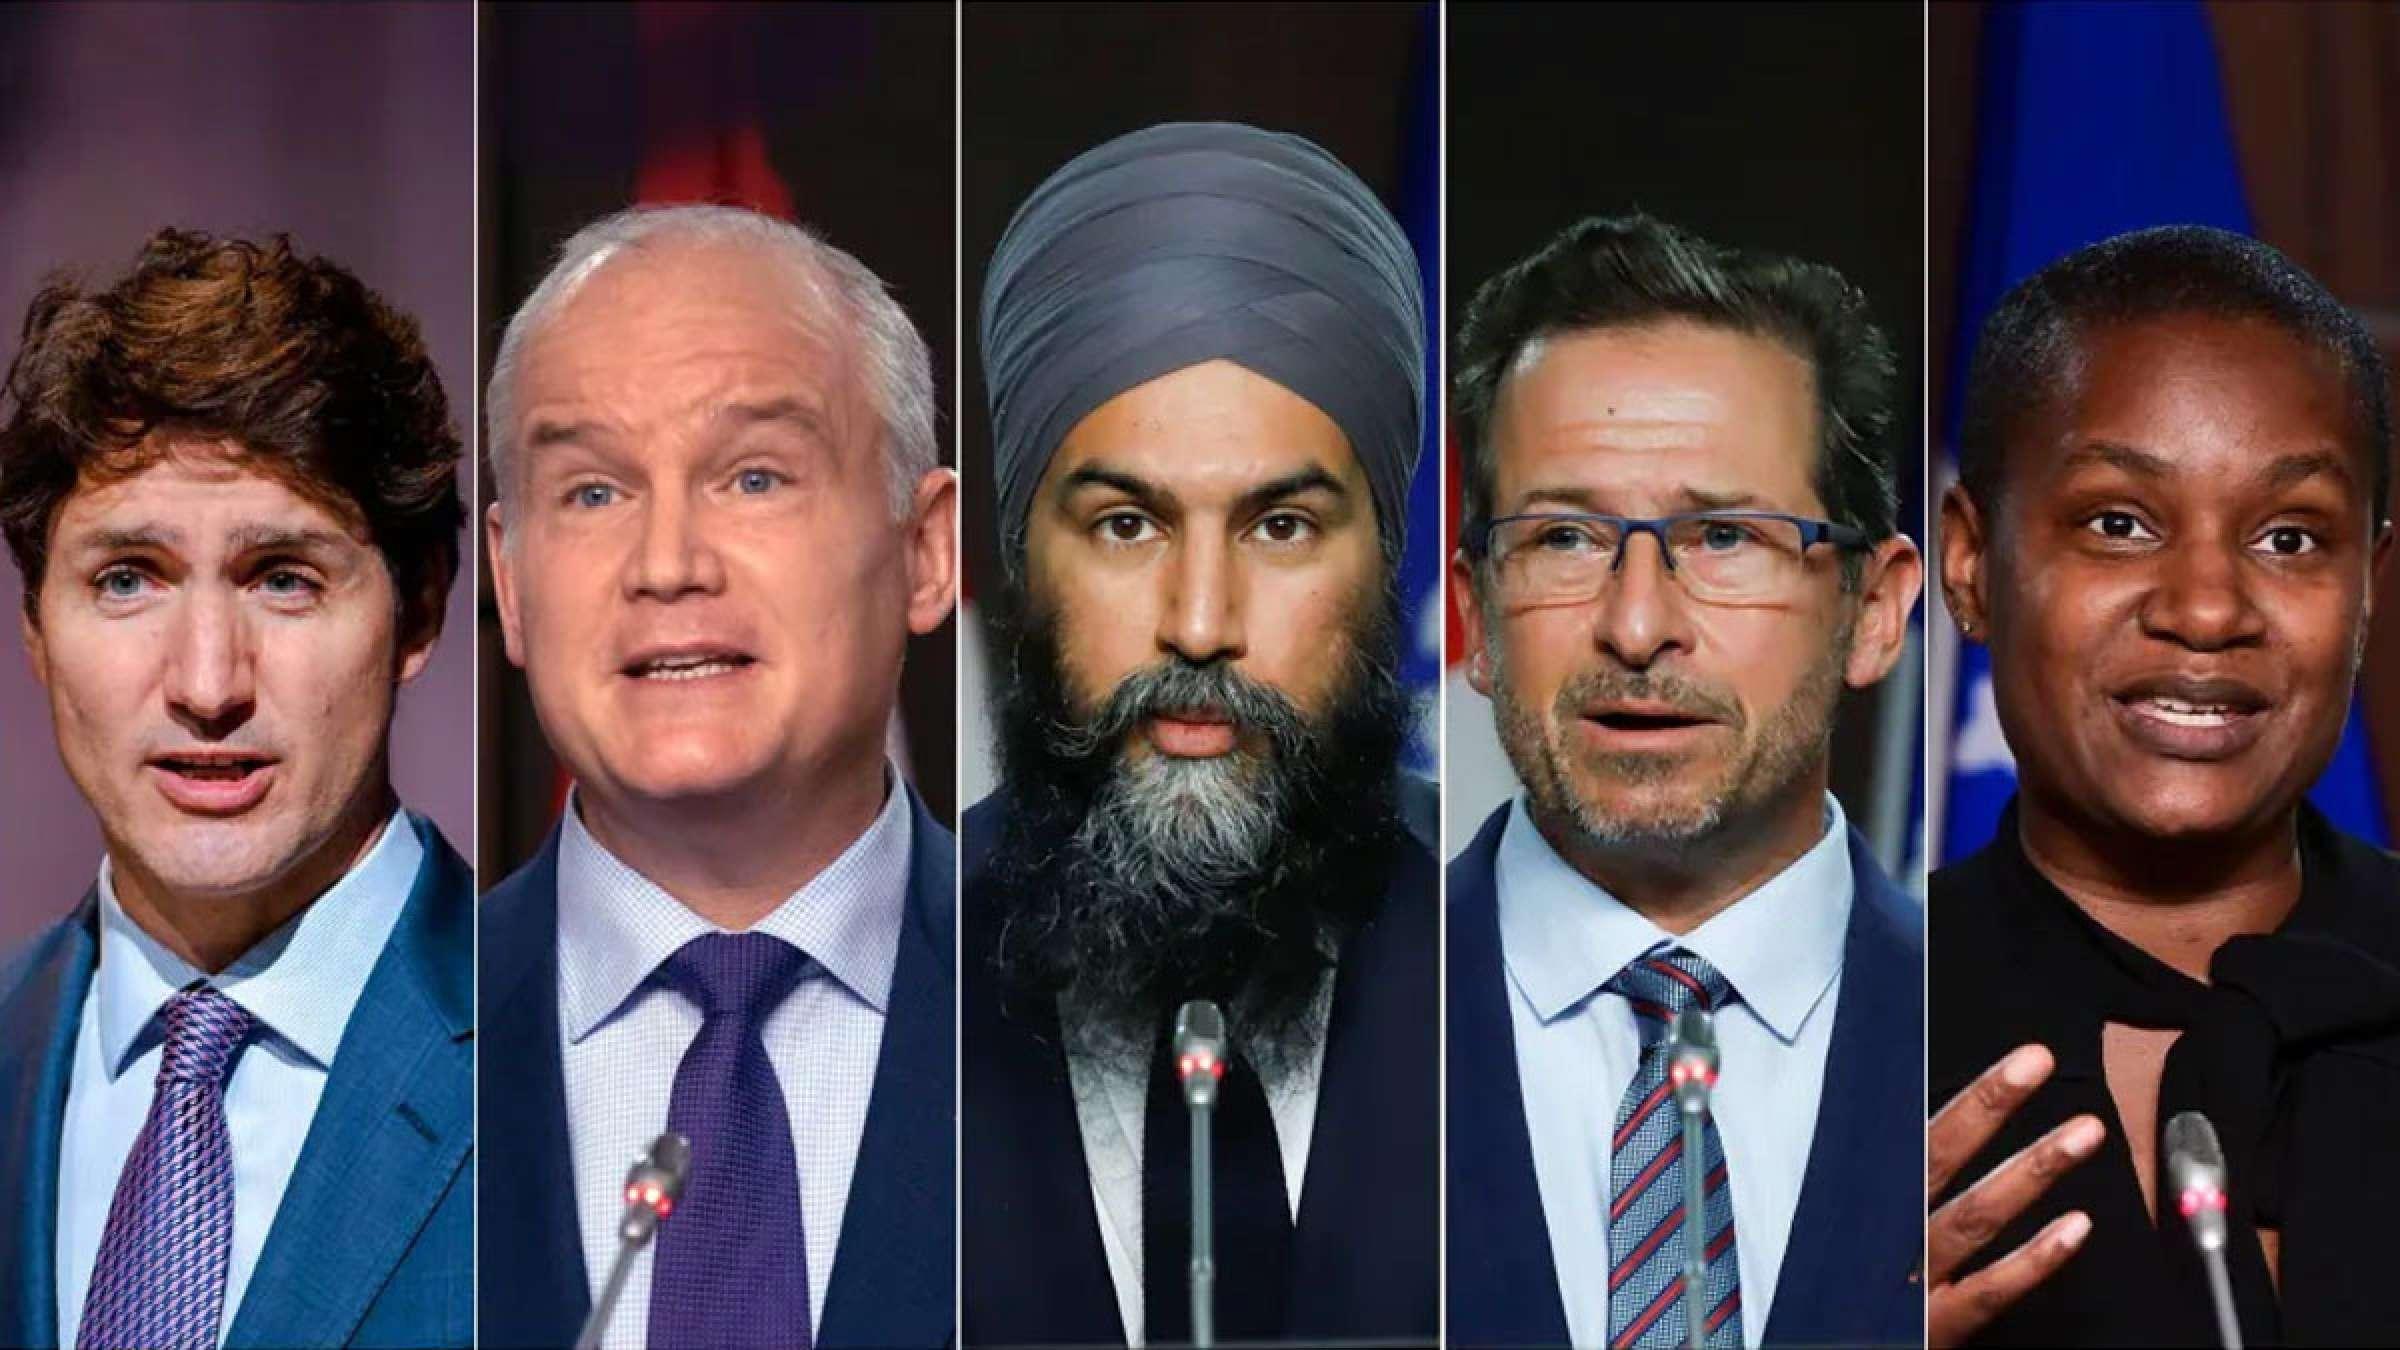 خبر-کانادا-ریزترین-و-آخرین-وضعیت-پیش-از-آغاز-انتخابات-کانادا-که-باید-بدانید-دقیقا-چیست